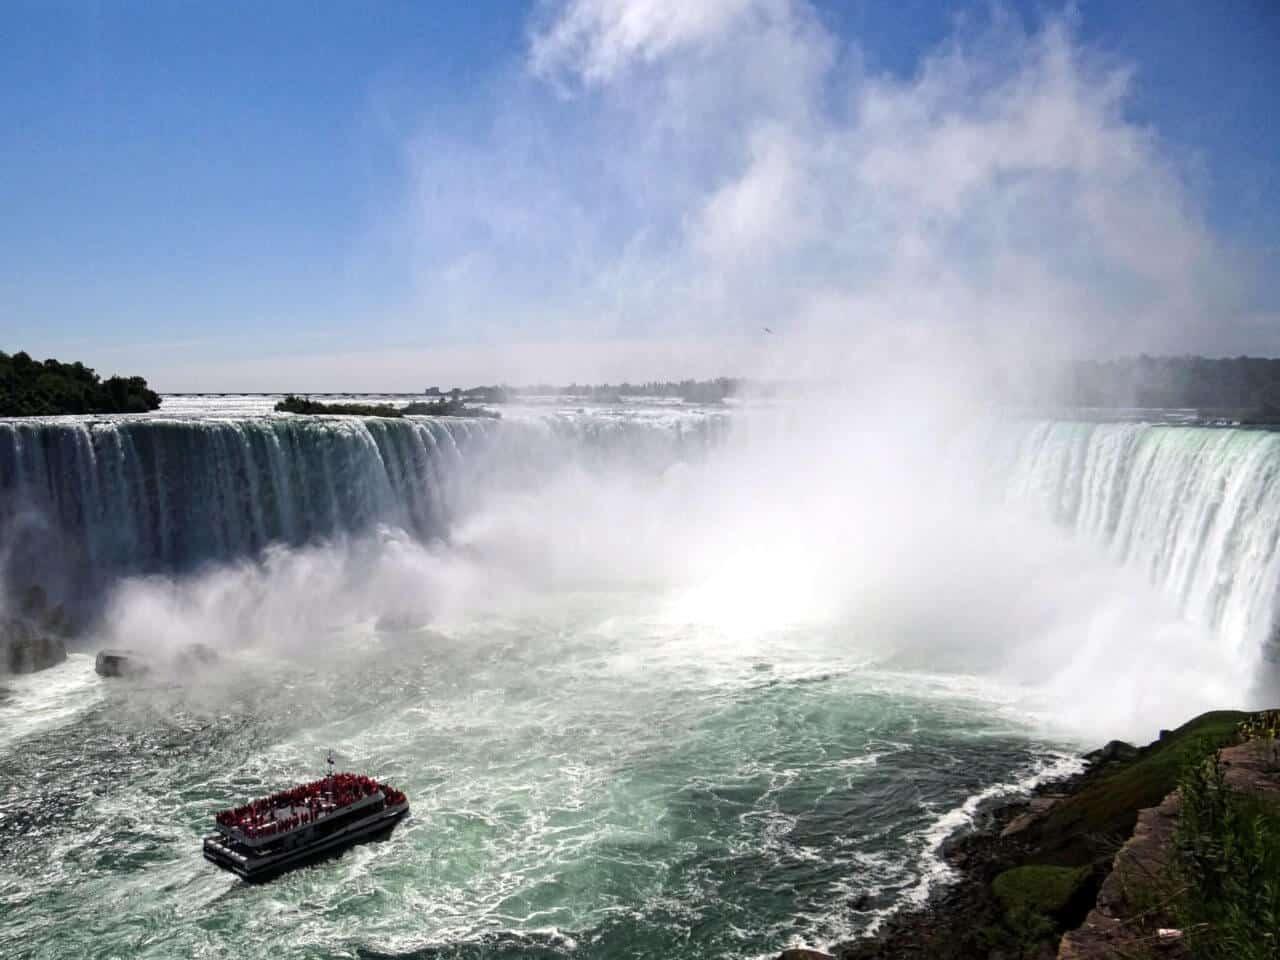 Wasserfall mit Himmel